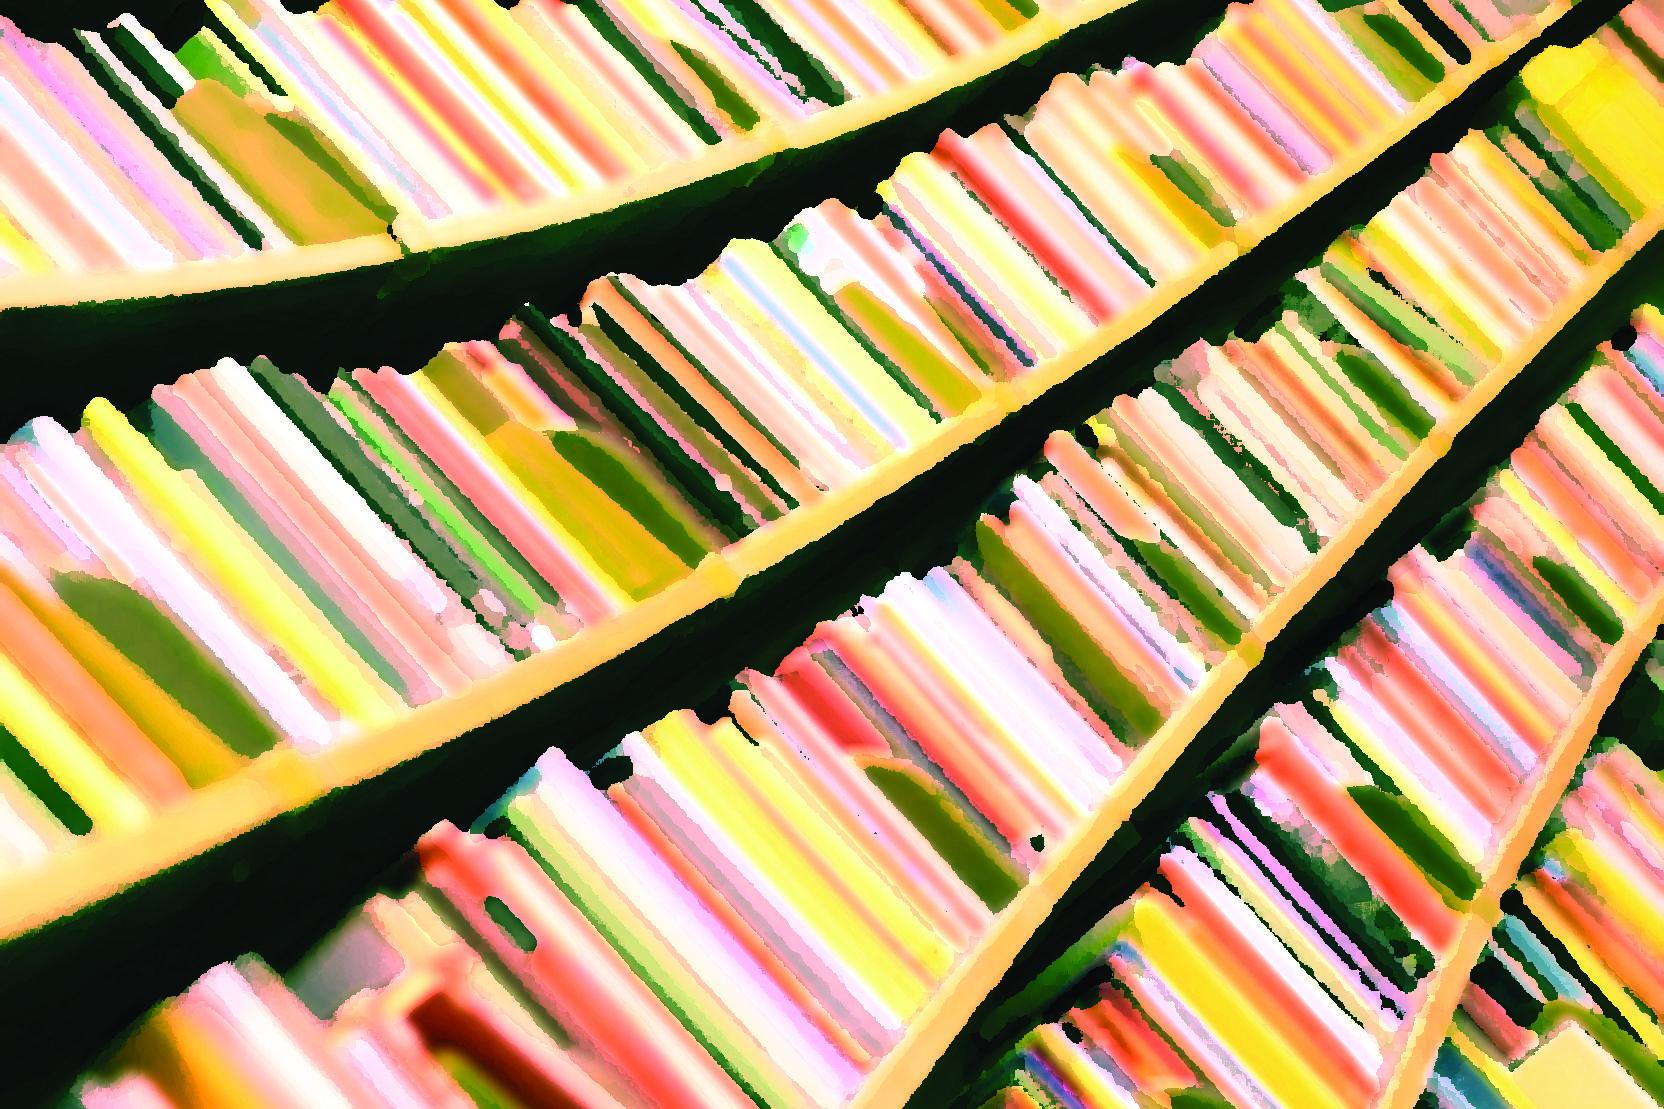 Jis 1215 jpop books featured snvcnh